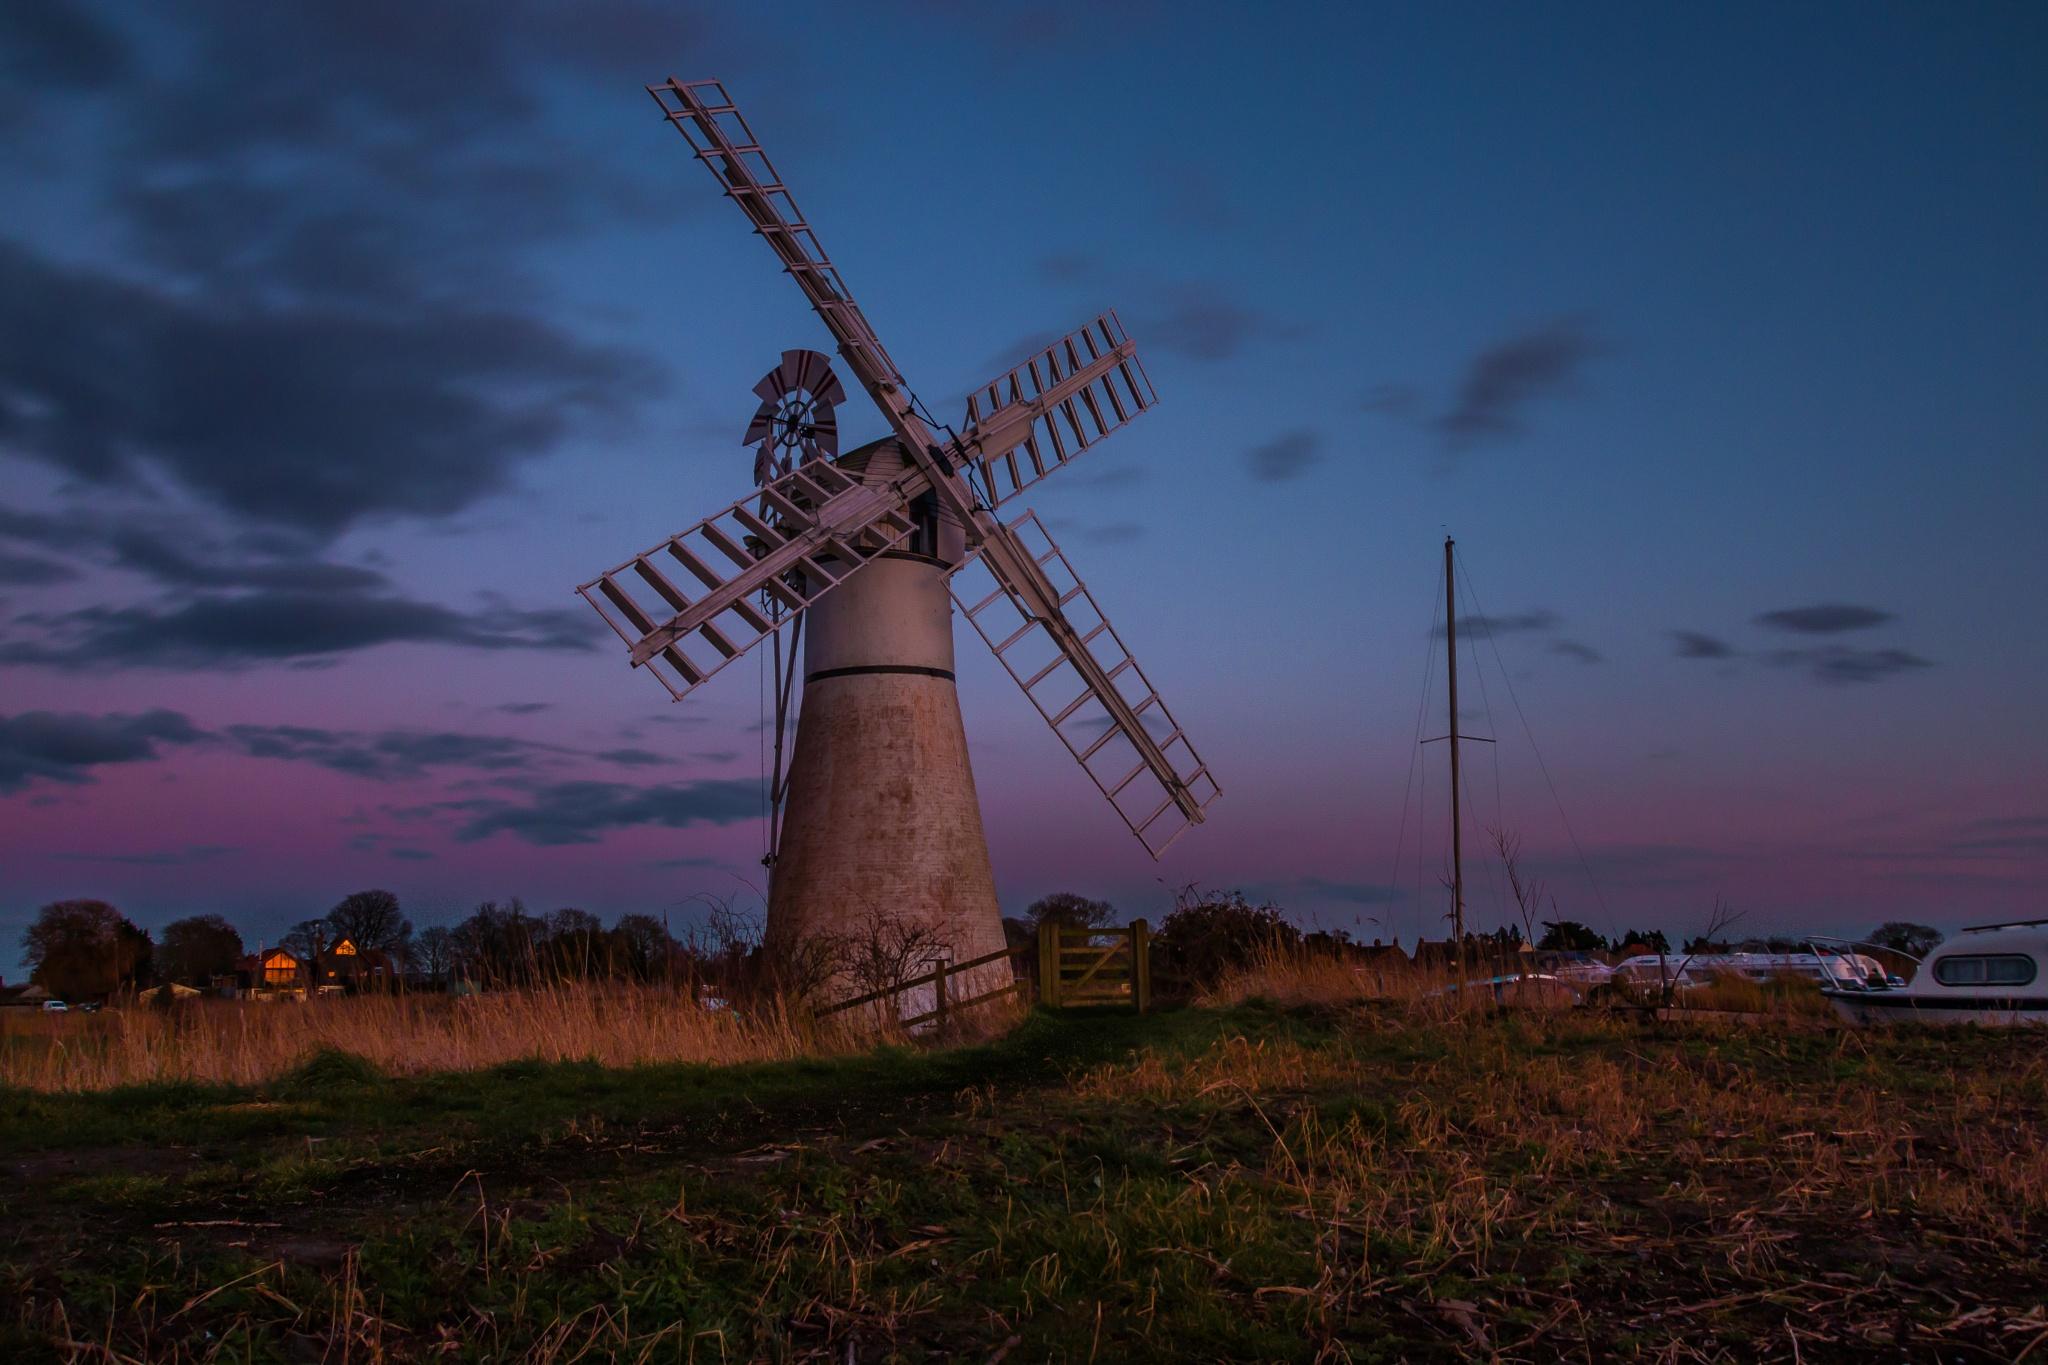 Thurne Windmill by Codeye